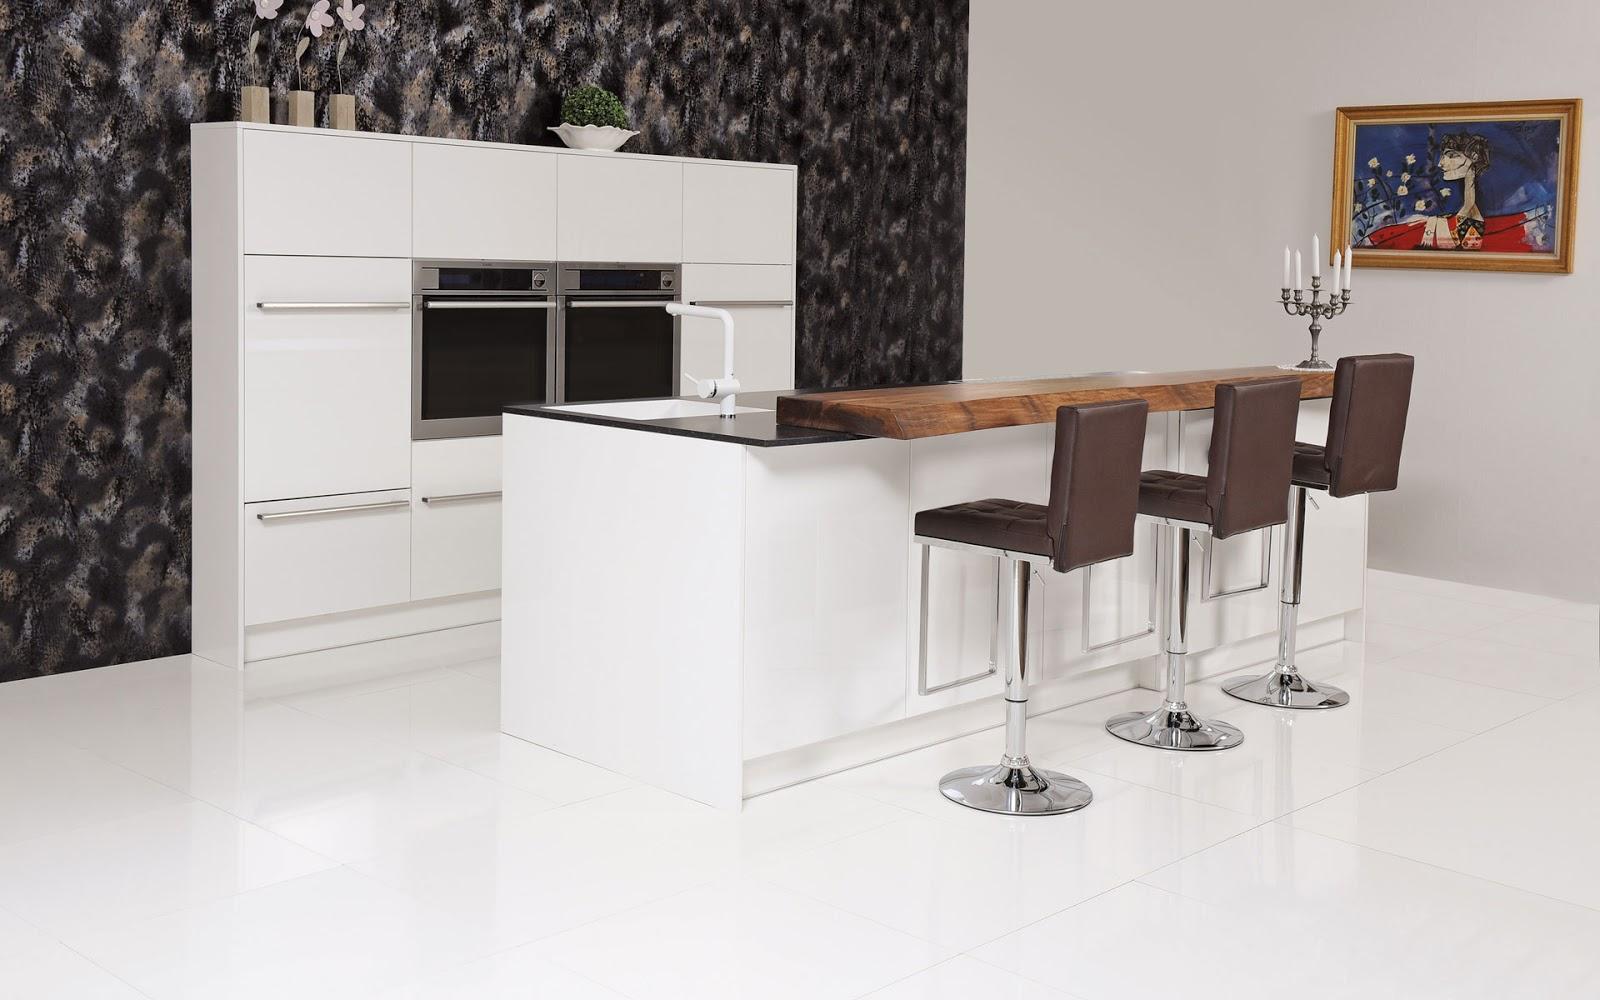 30 ideas de mesas y barras para comer en la cocina cocinas con estilo - Cocina para bar ...